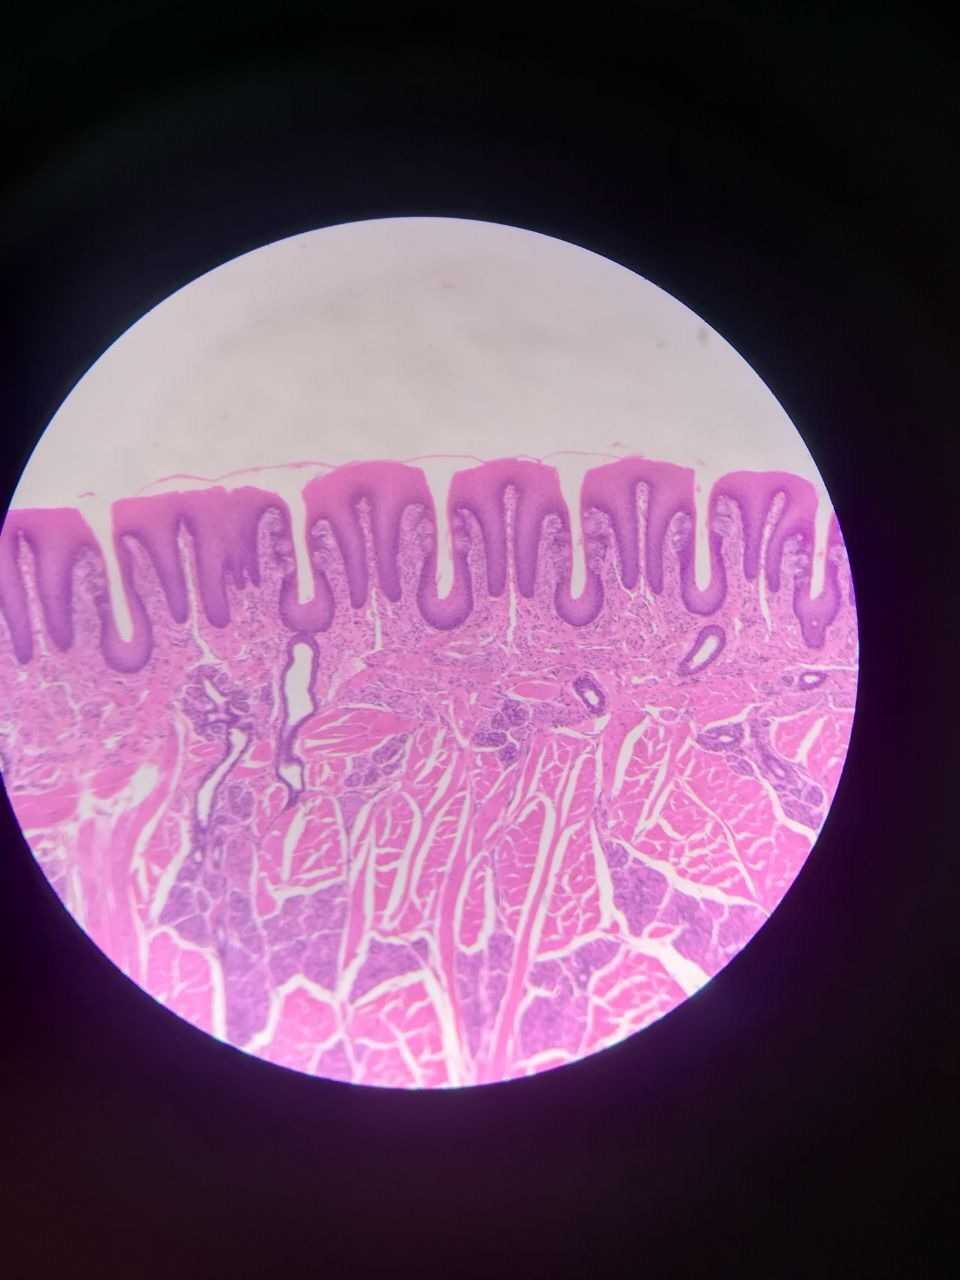 Corte histologico de Lengua | Anatomía médica | Pinterest | Lengua ...